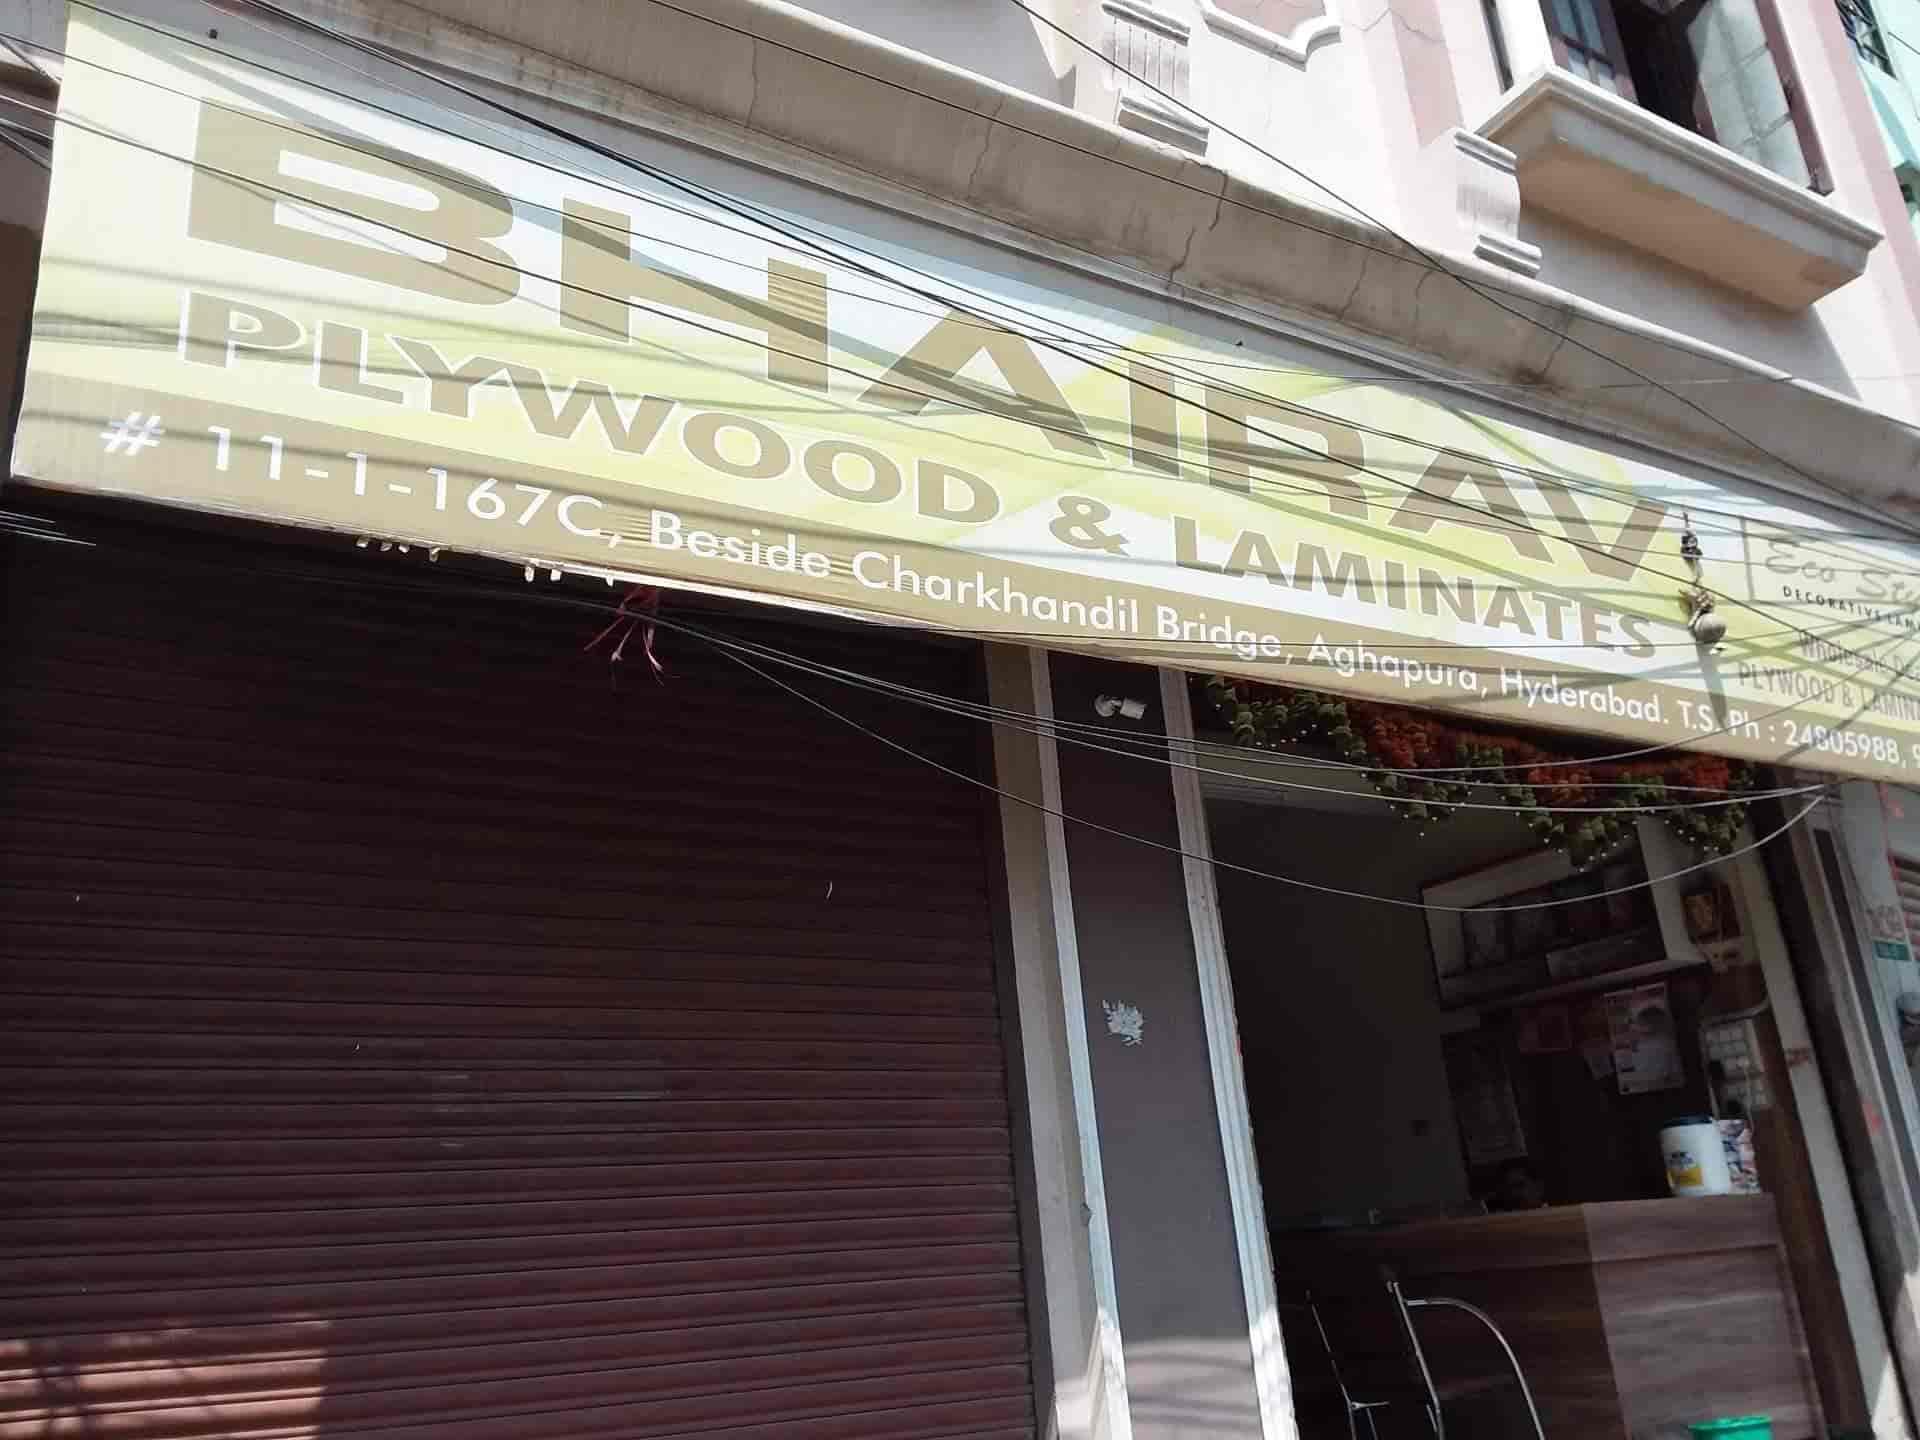 Top Virgo Mica Laminate Dealers In Gosha Mahal Best Virgo Mica Laminate Dealers Hyderabad Justdial